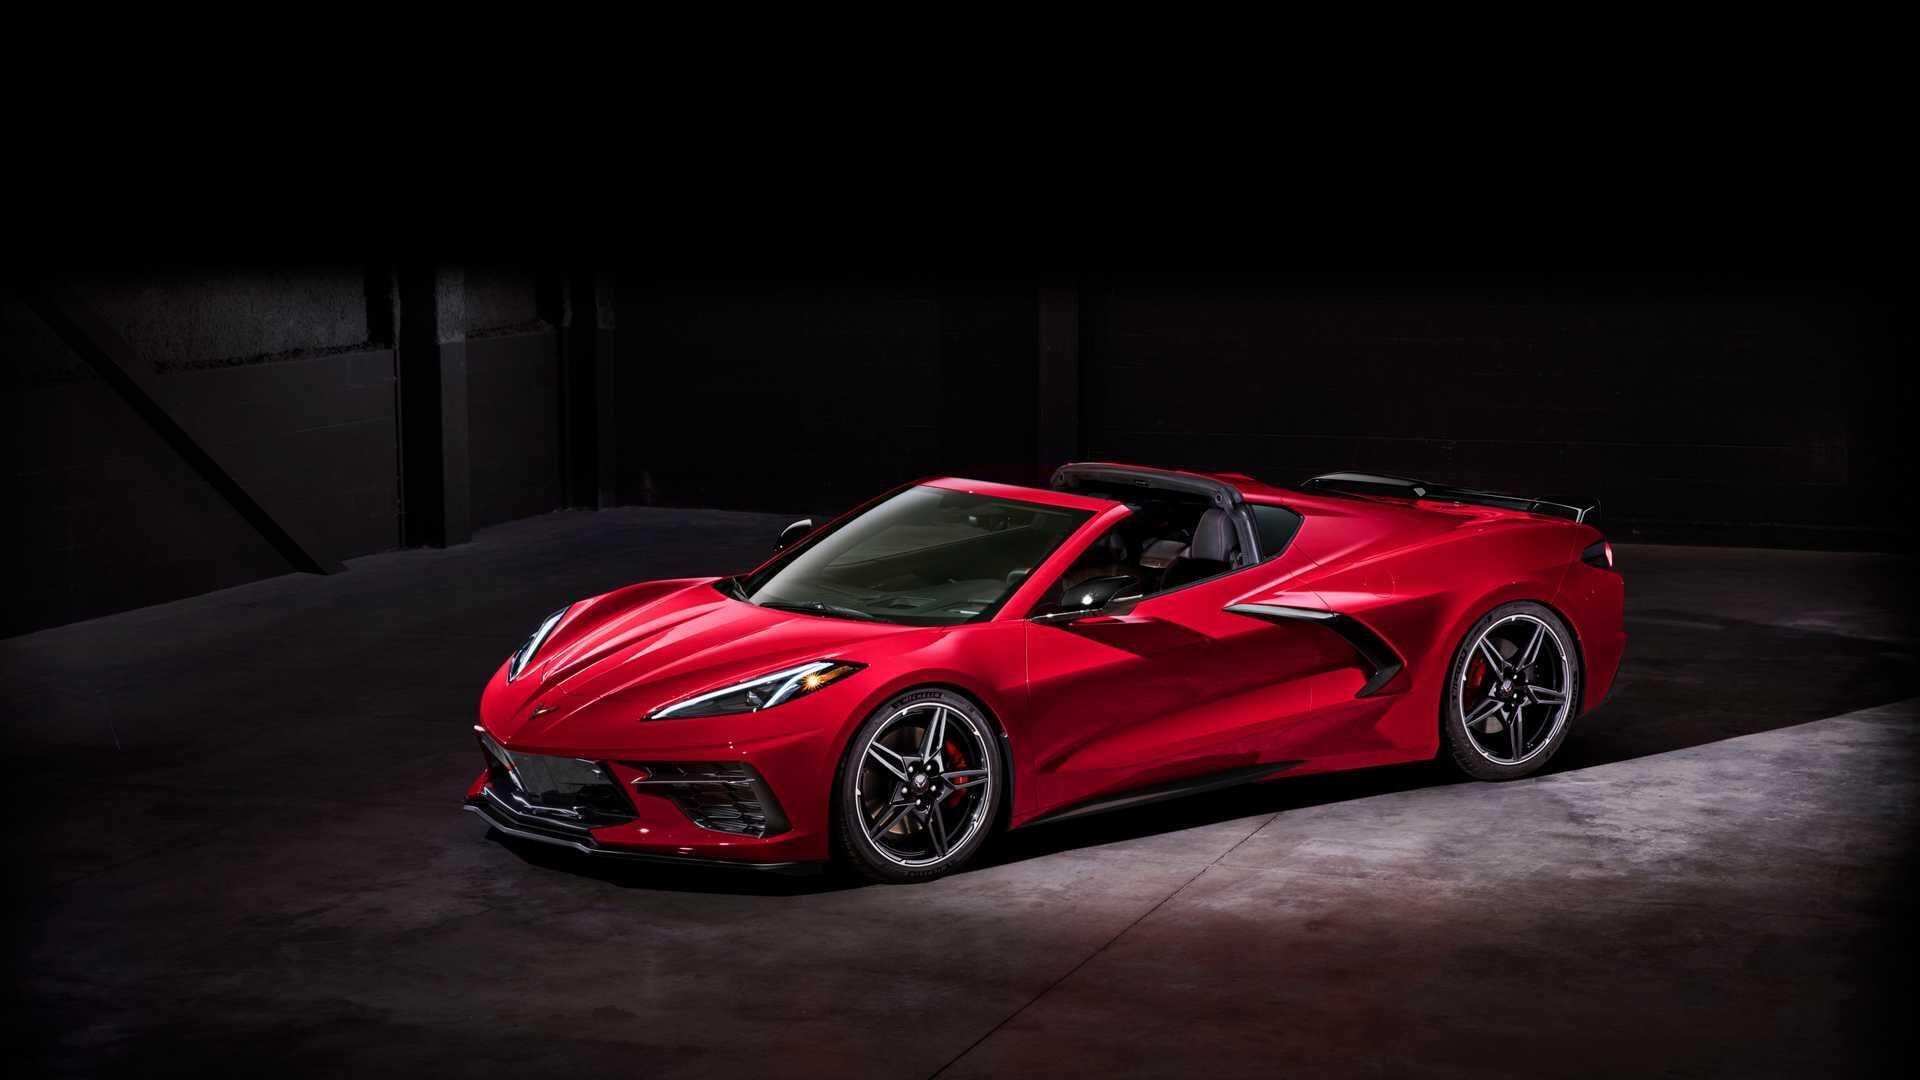 https://cdn.dailyxe.com.vn/image/chevrolet-corvette-2020-co-mot-so-tinh-nang-an-tuyet-voi-52-94560j2.jpg